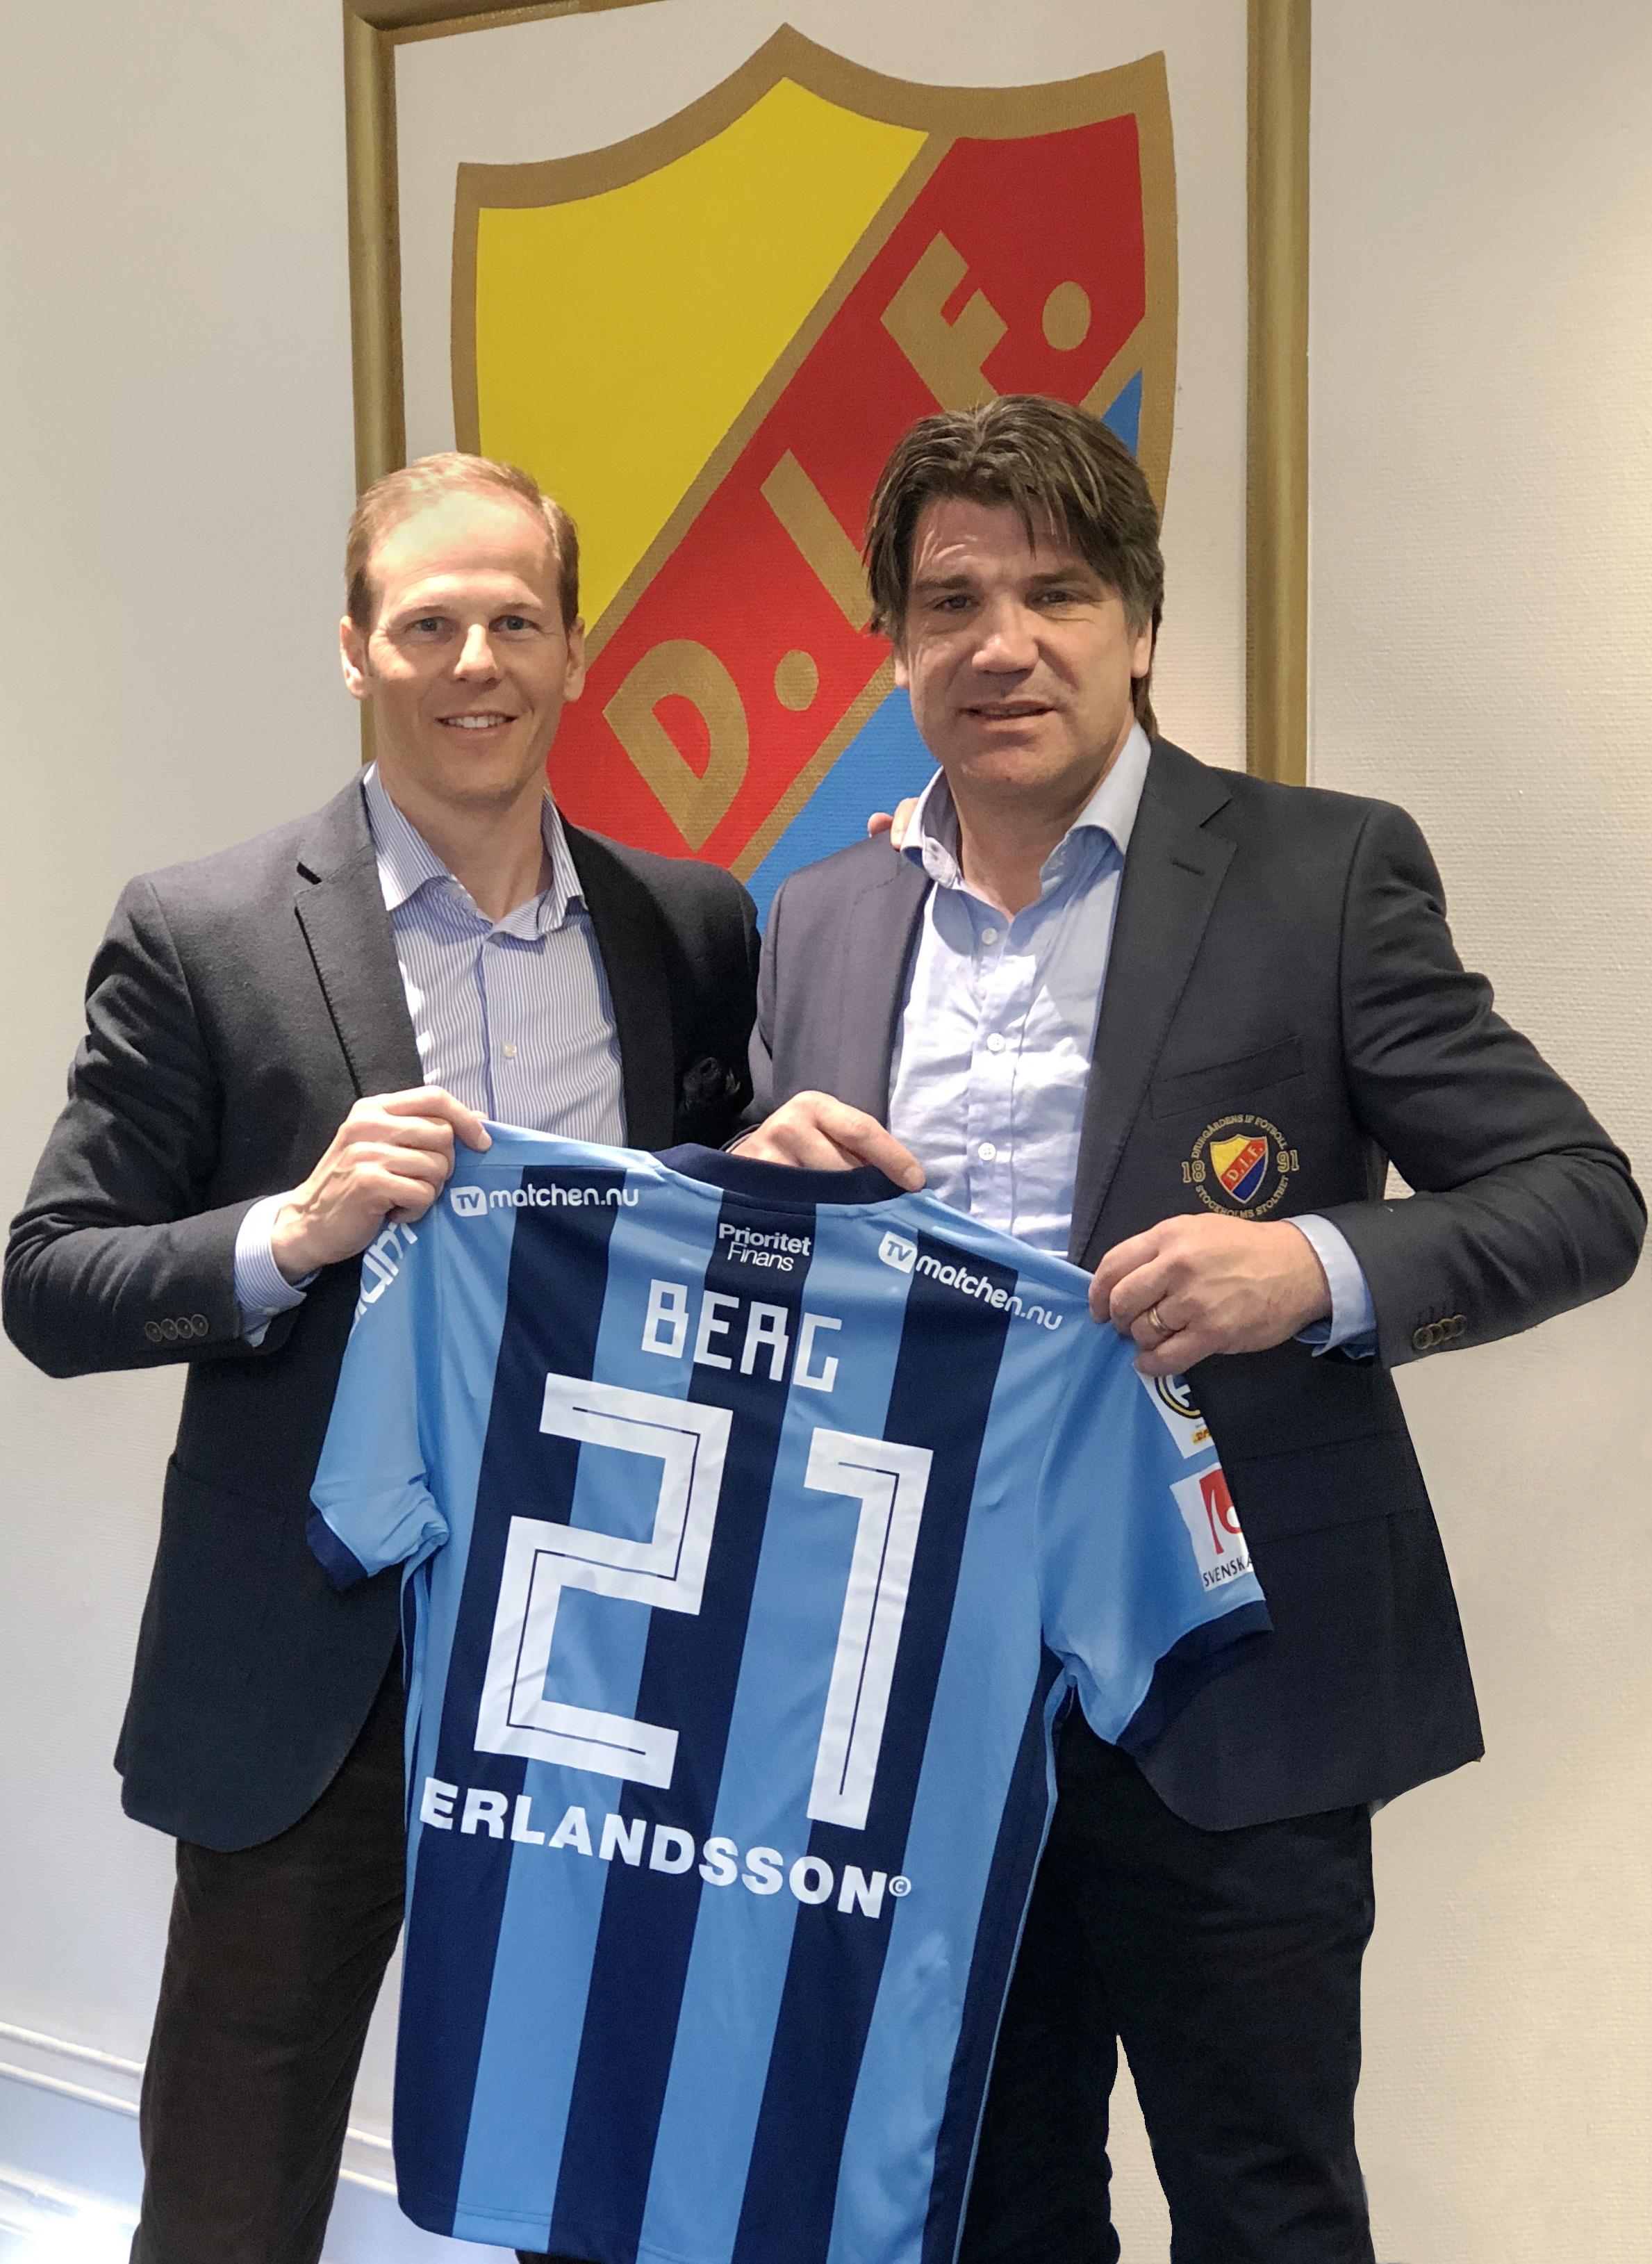 TVmatchen.nu blir officiell partner till Djurgårdens IF Fotboll